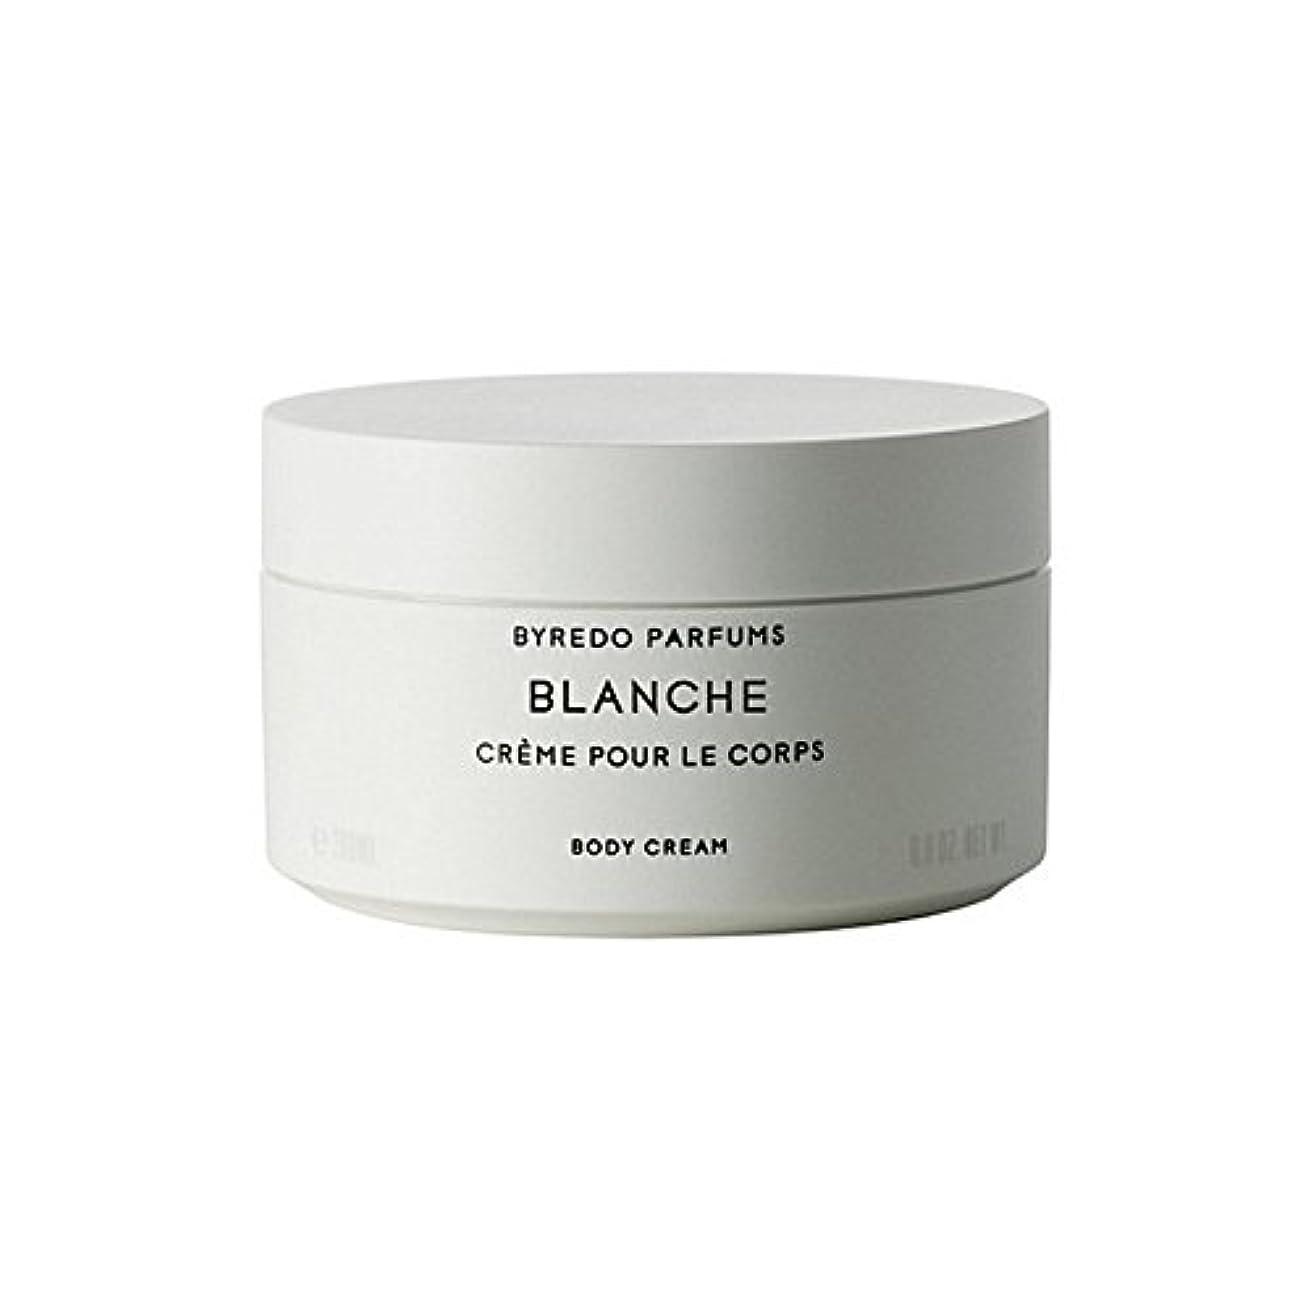 温帯北殺人者ブランシュボディクリーム200ミリリットル x4 - Byredo Blanche Body Cream 200ml (Pack of 4) [並行輸入品]